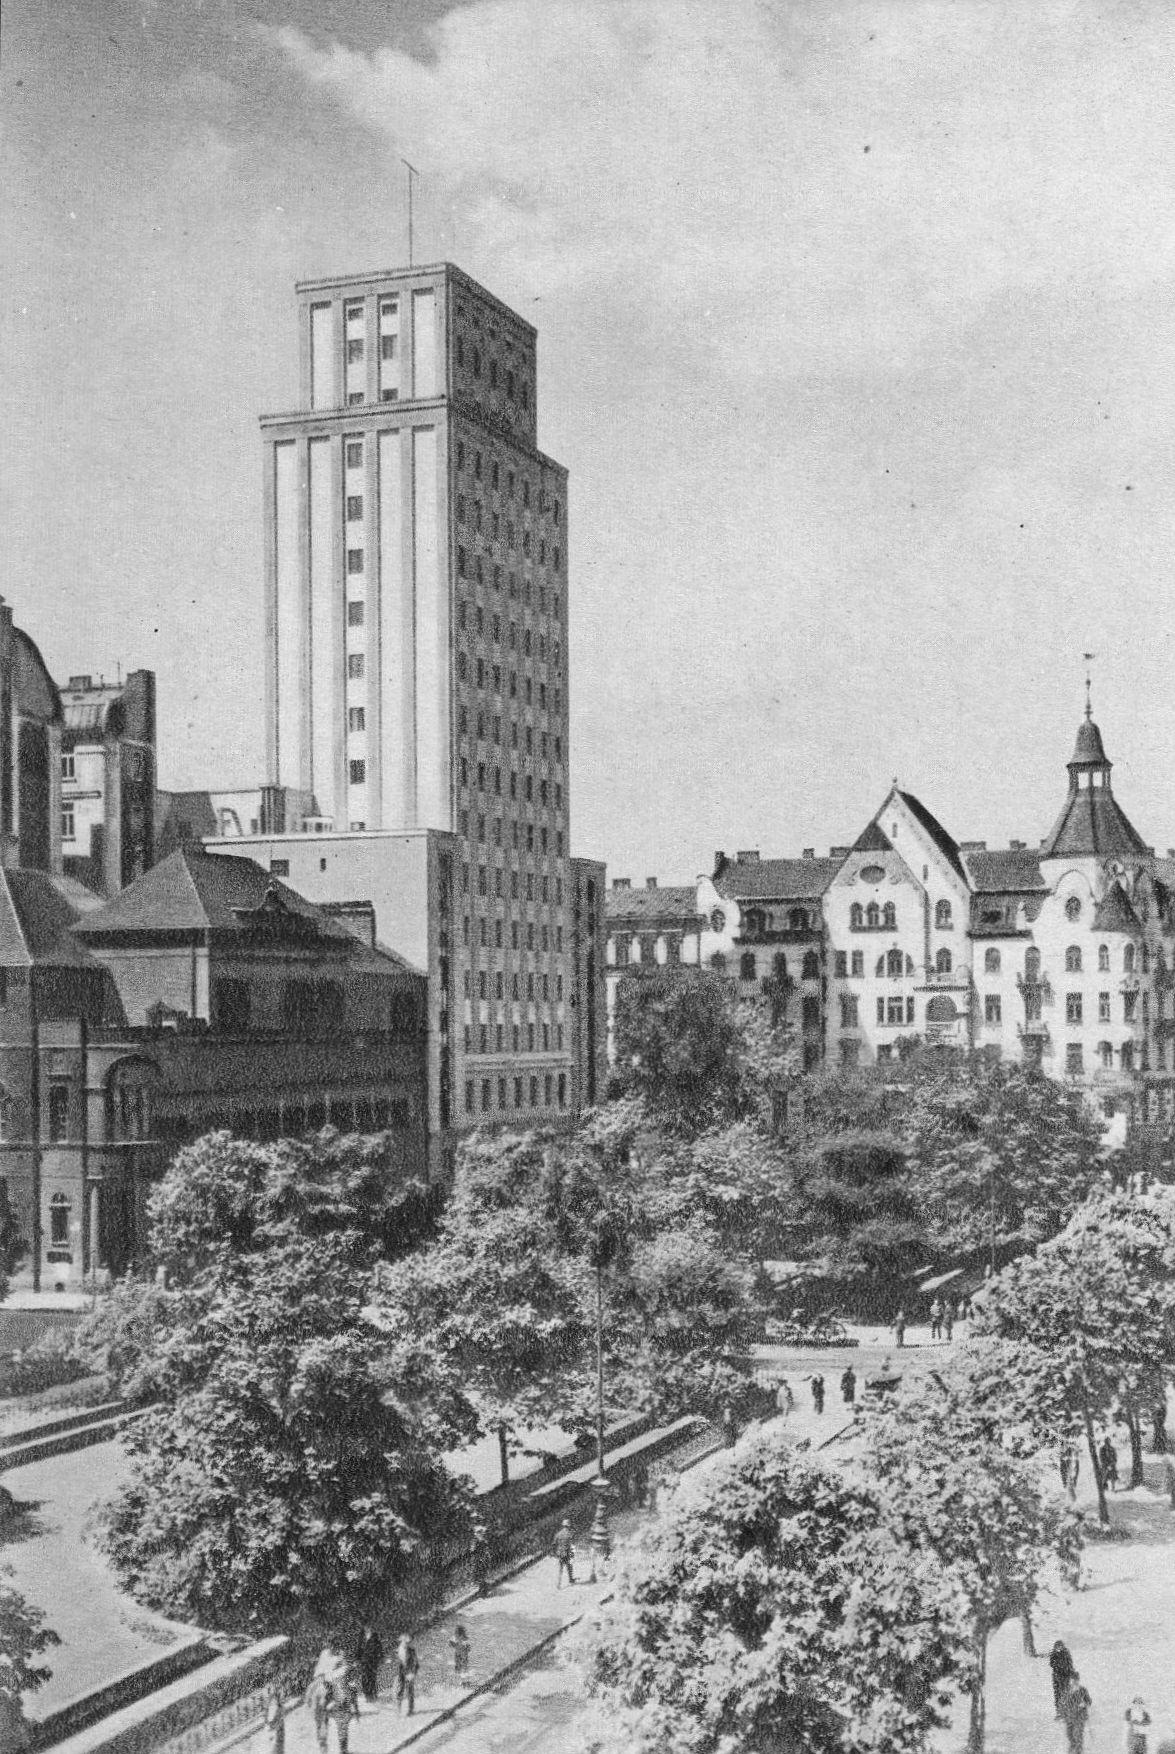 Plac_Napoleona_i_Prudential_przed_1939